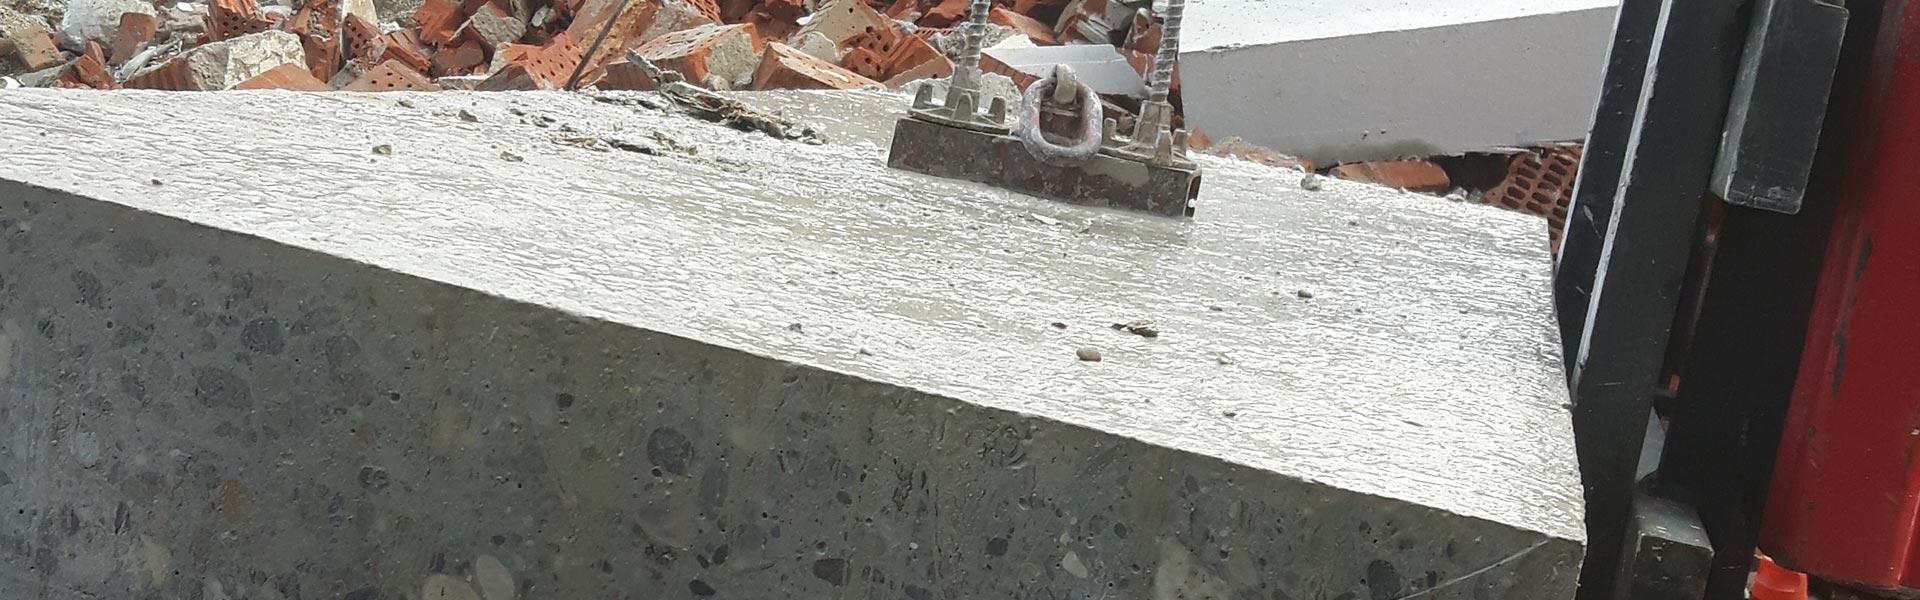 Abbruch und Abtransport von Bauschutt